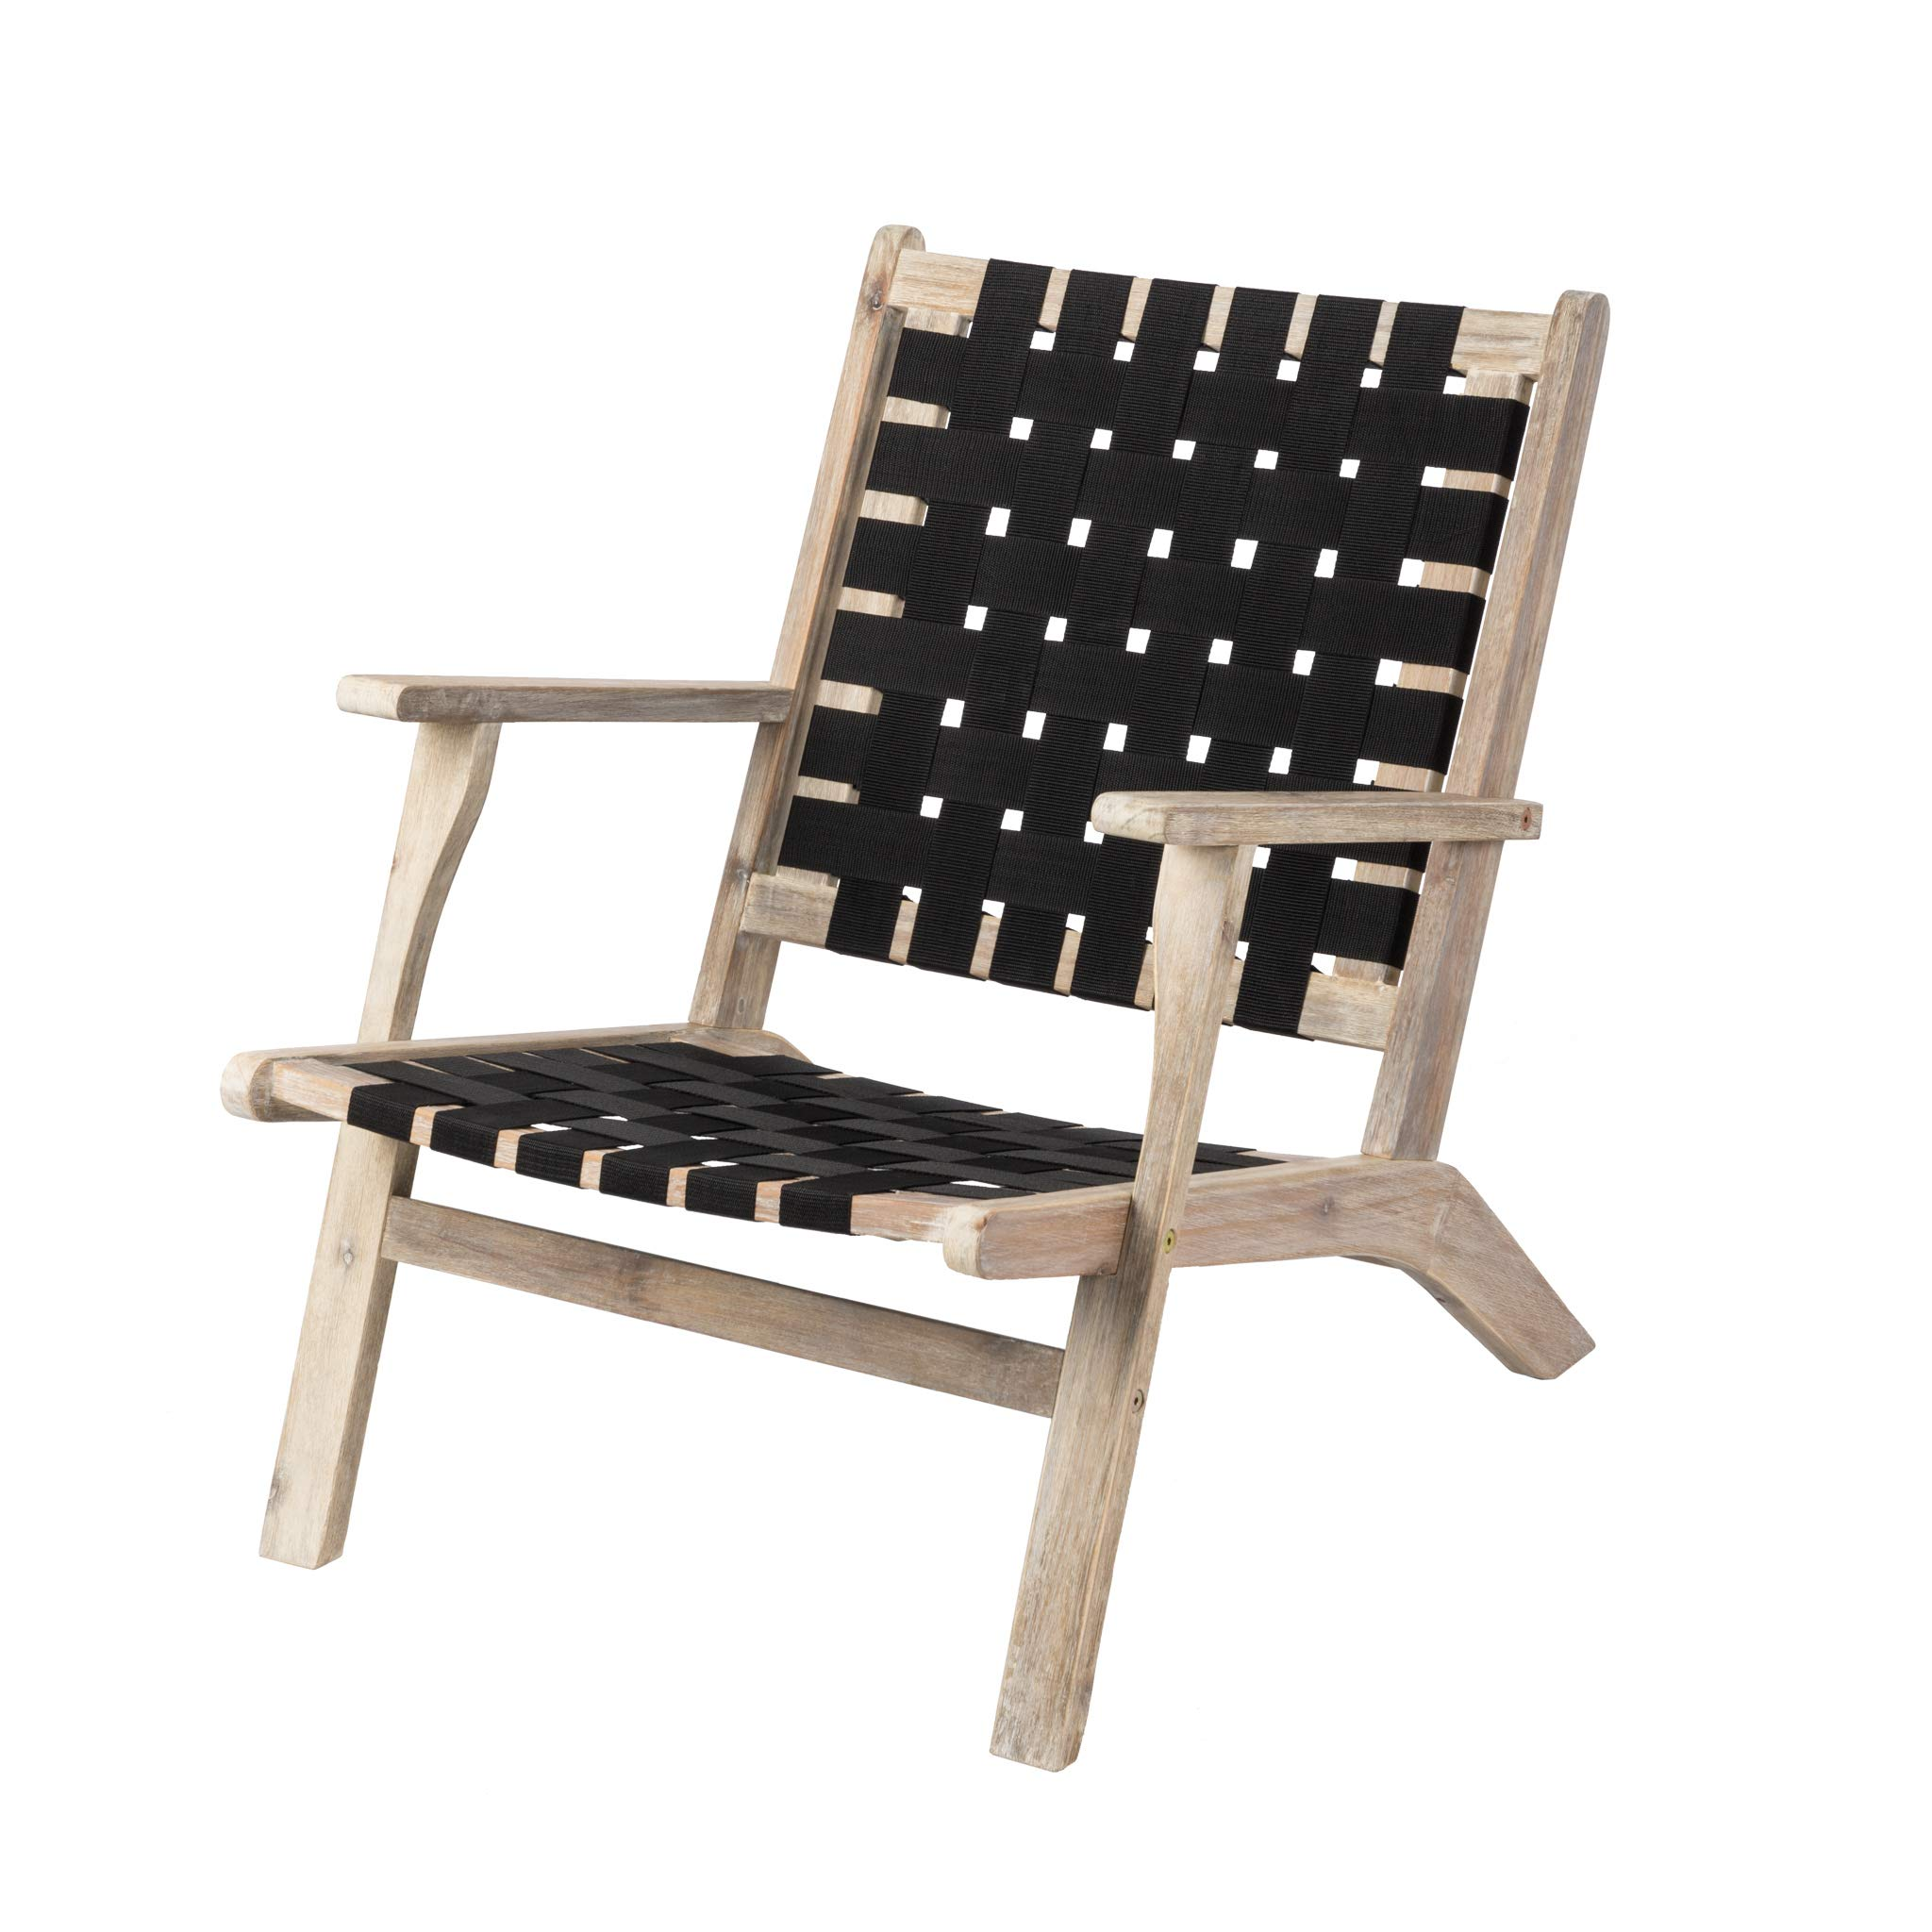 Patio Sense 62772 Vega Driftwood Patio Chair, Natural by Patio Sense